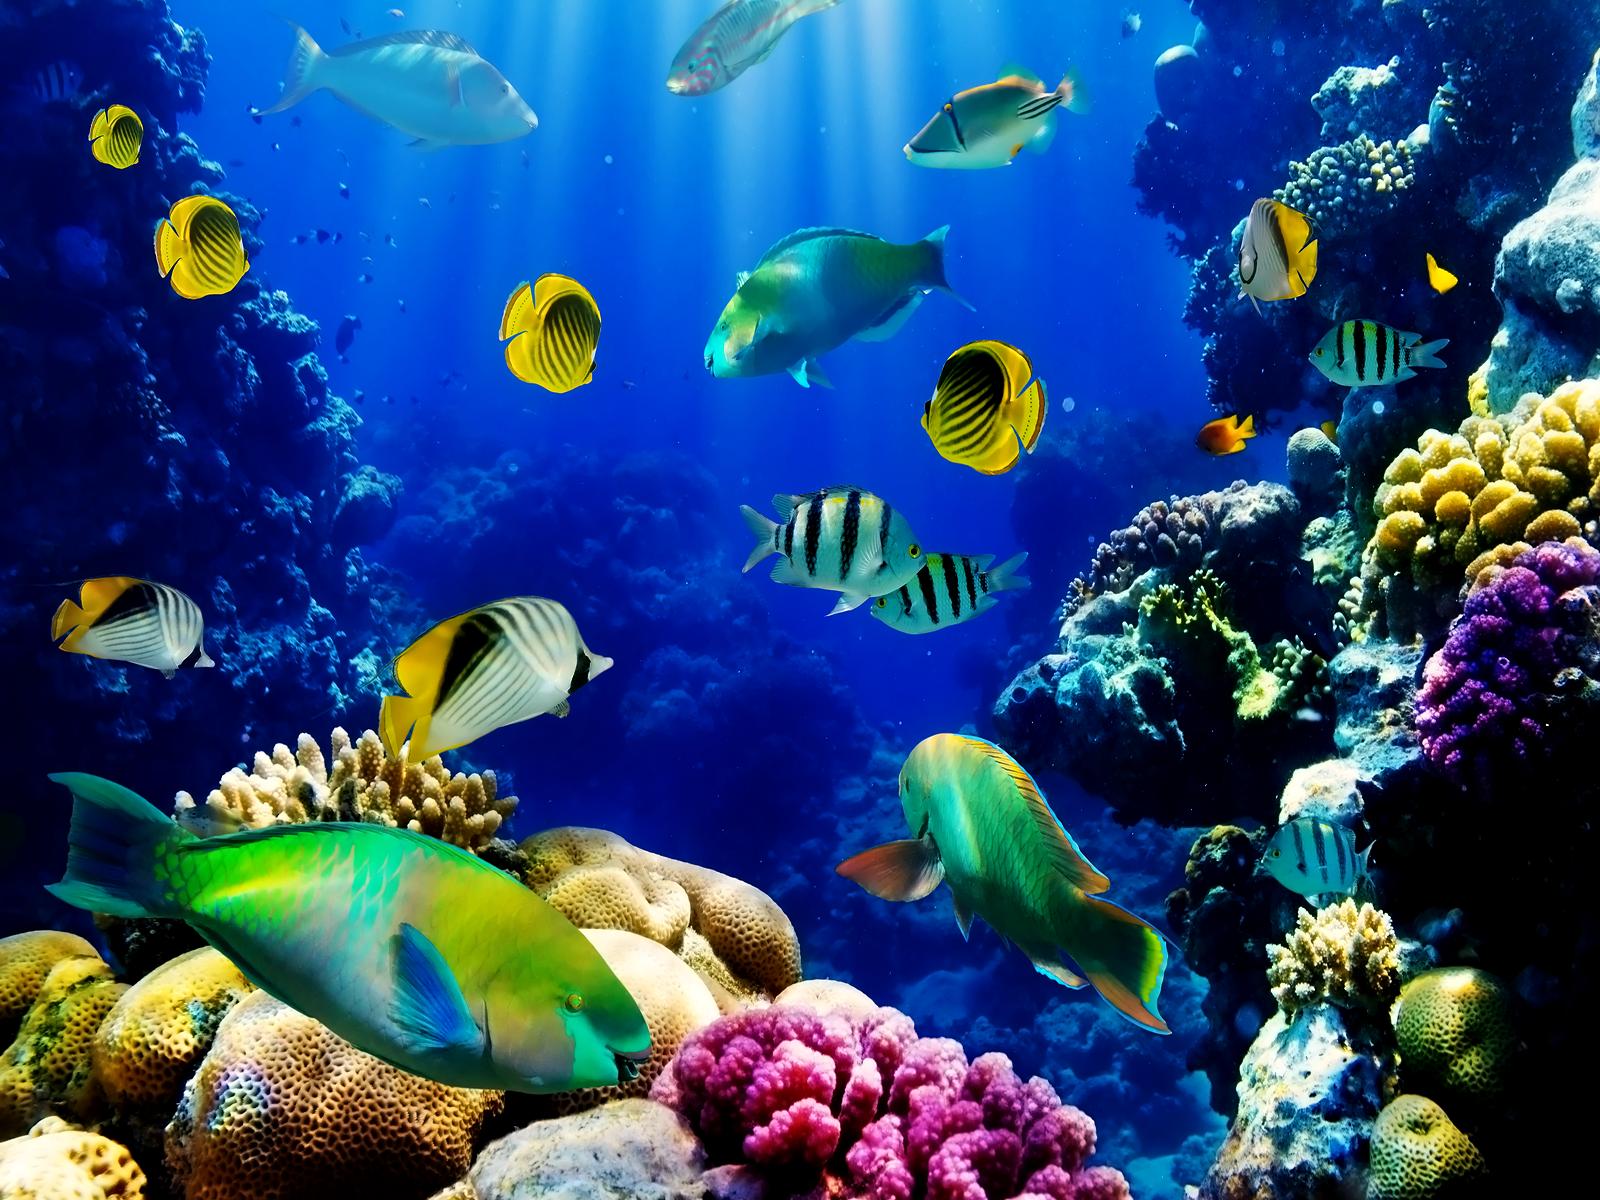 Fish aquarium wallpaper free download - 3d Live Fish Wallpaper Fish Tank Live Wallpaper